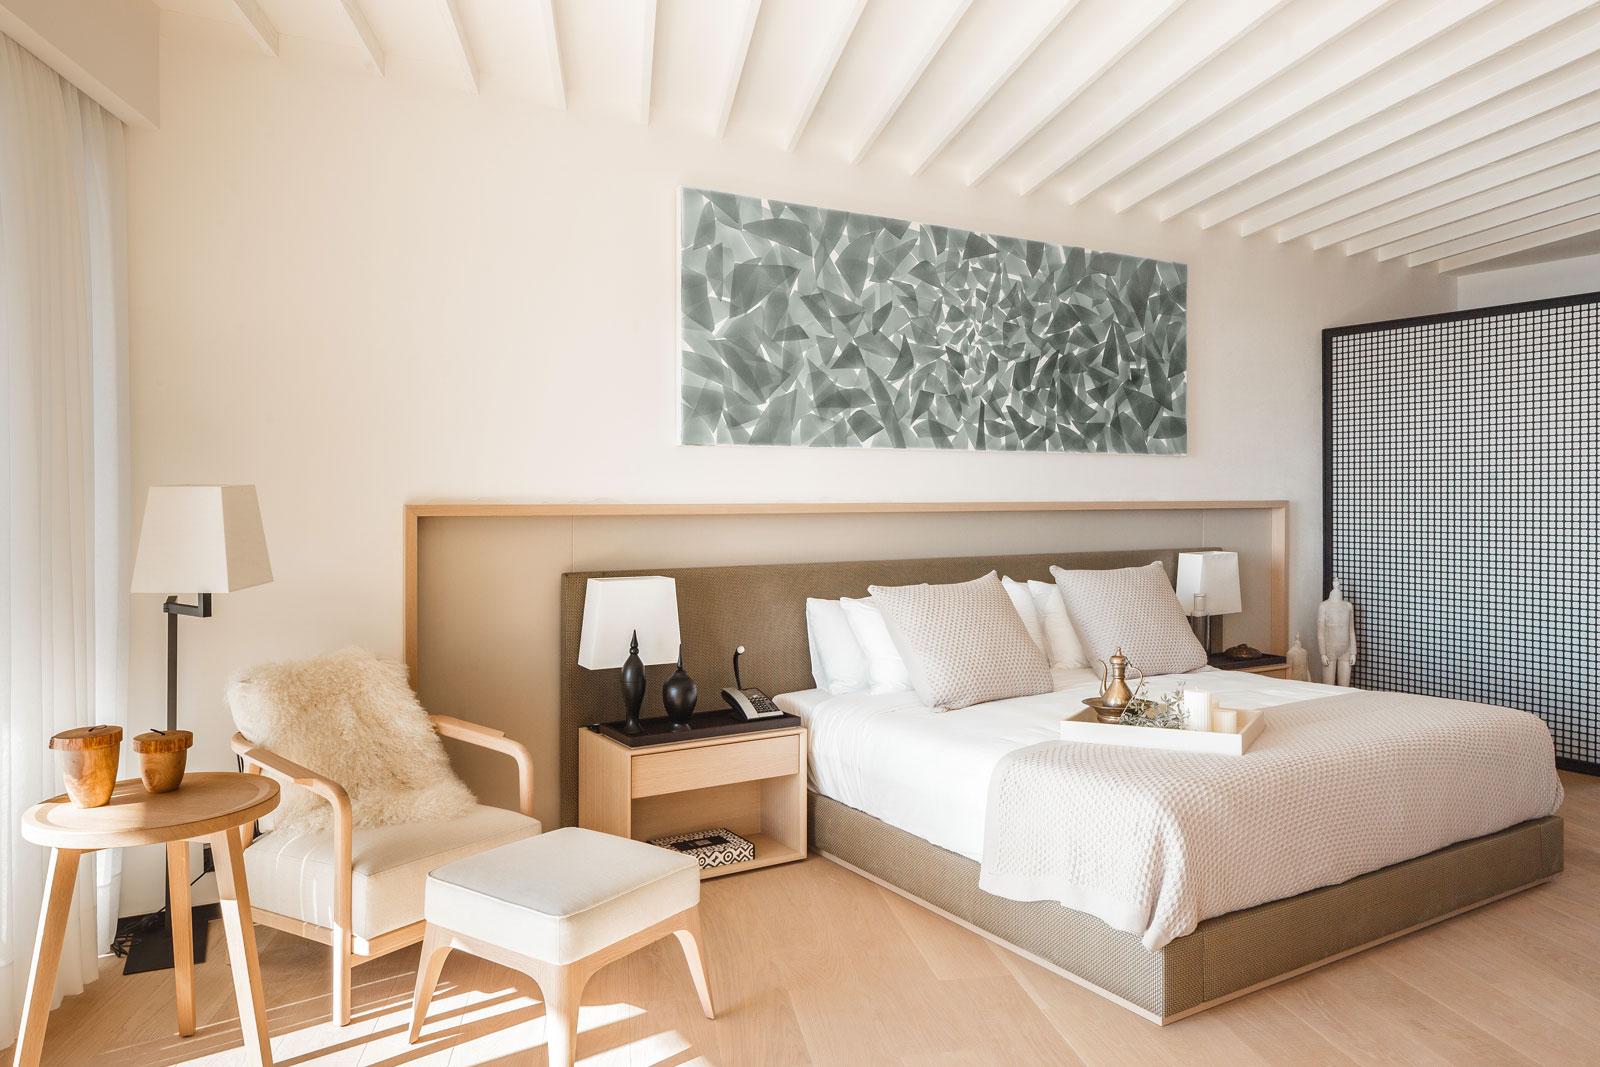 Canyon Ranch Debuts First International Resort In Turkey's Kaplankaya 9